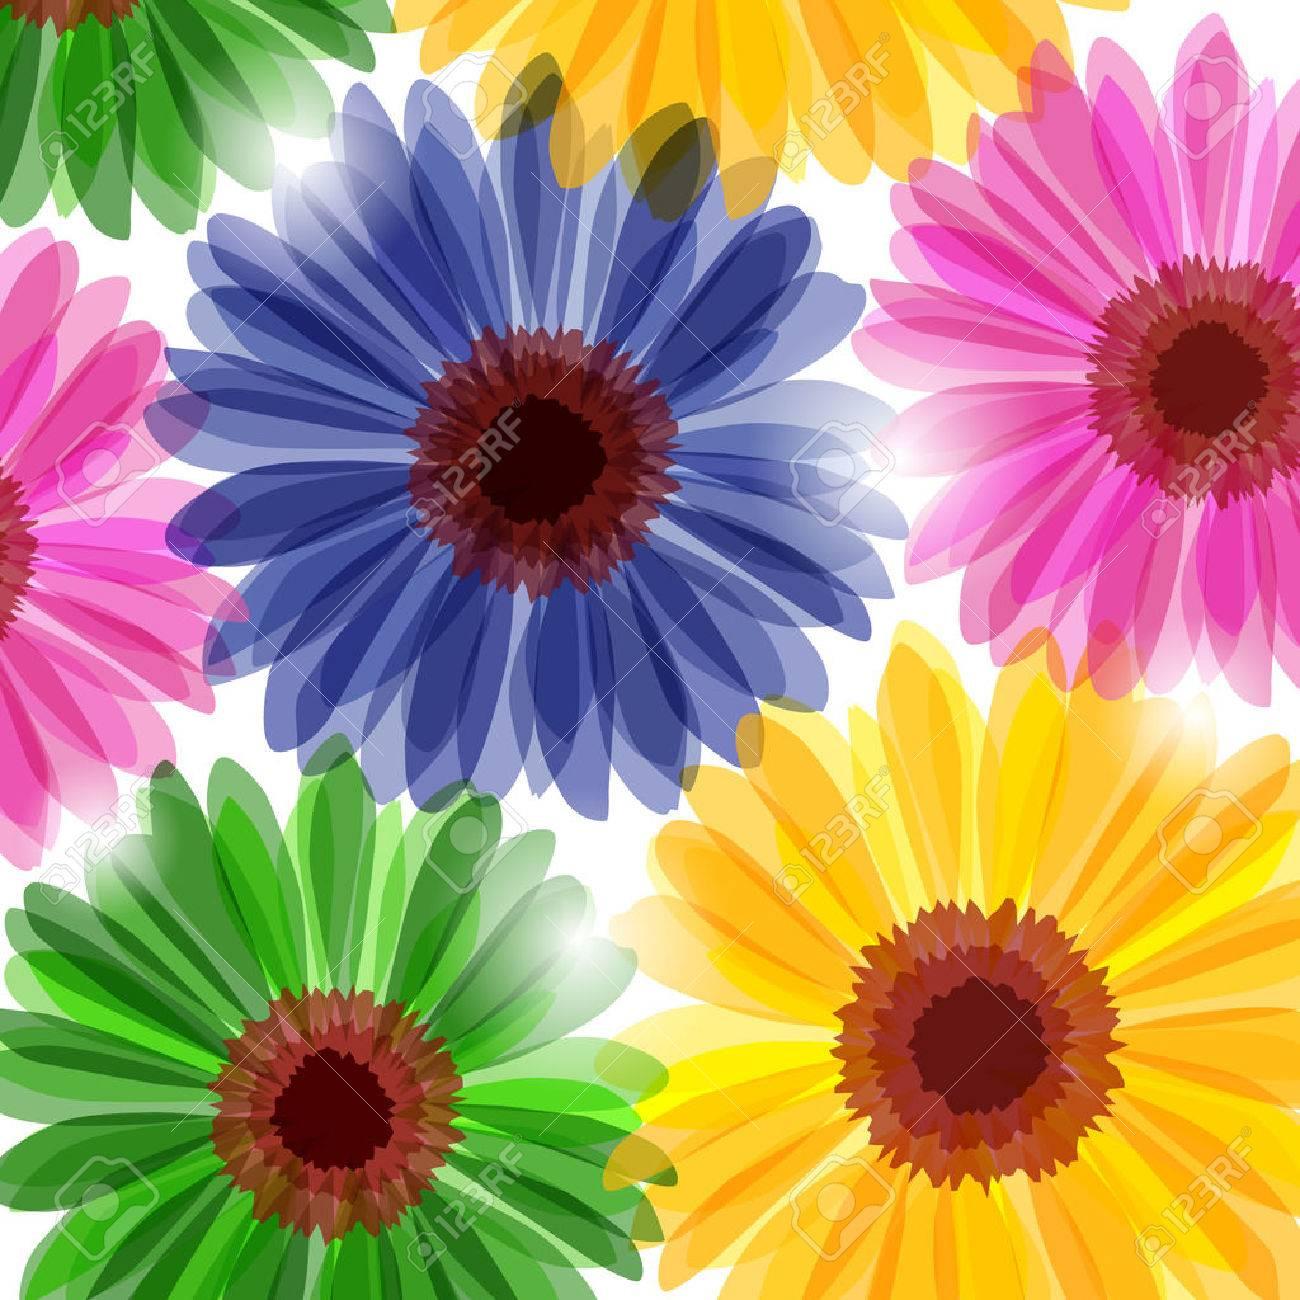 clip art daisy stock photos royalty free clip art daisy images